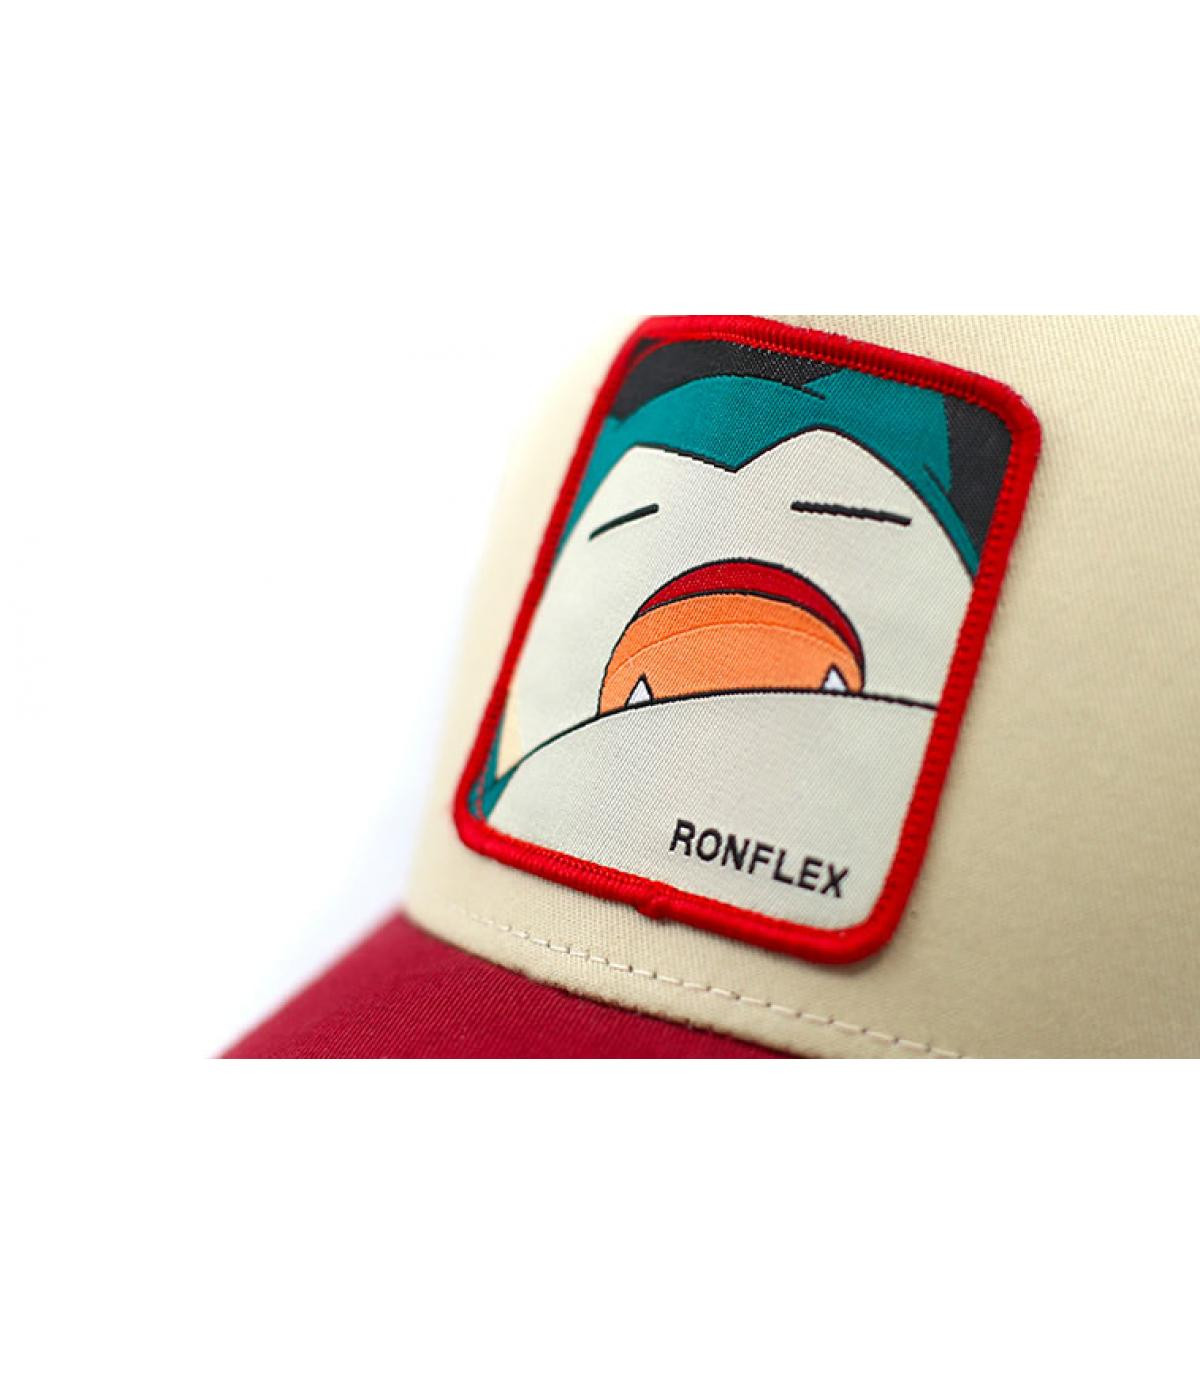 Details Trucker Pokemon Ronflex - Abbildung 3